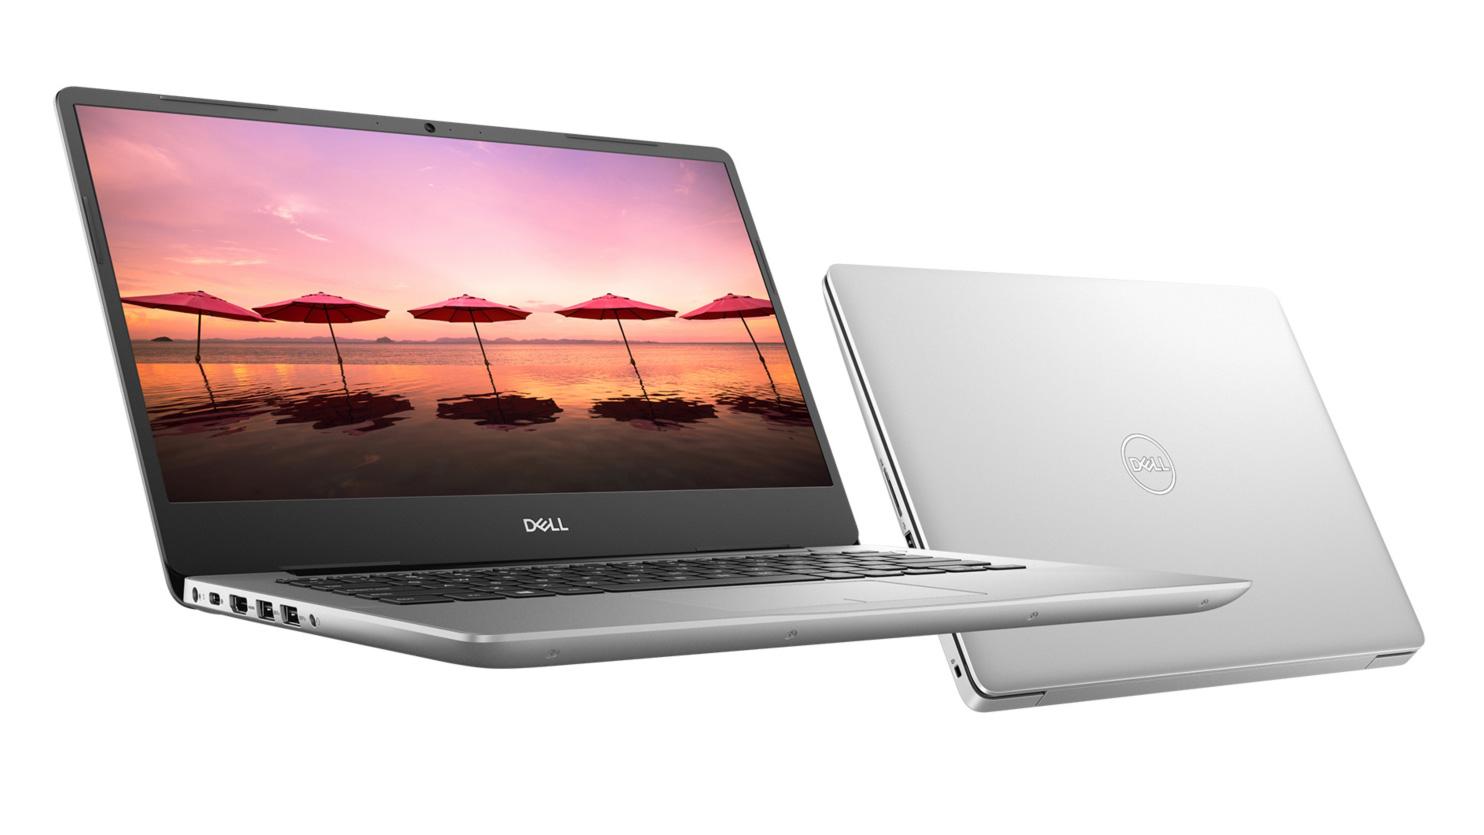 best laptops for programming: Dell Inspiron 14 5000